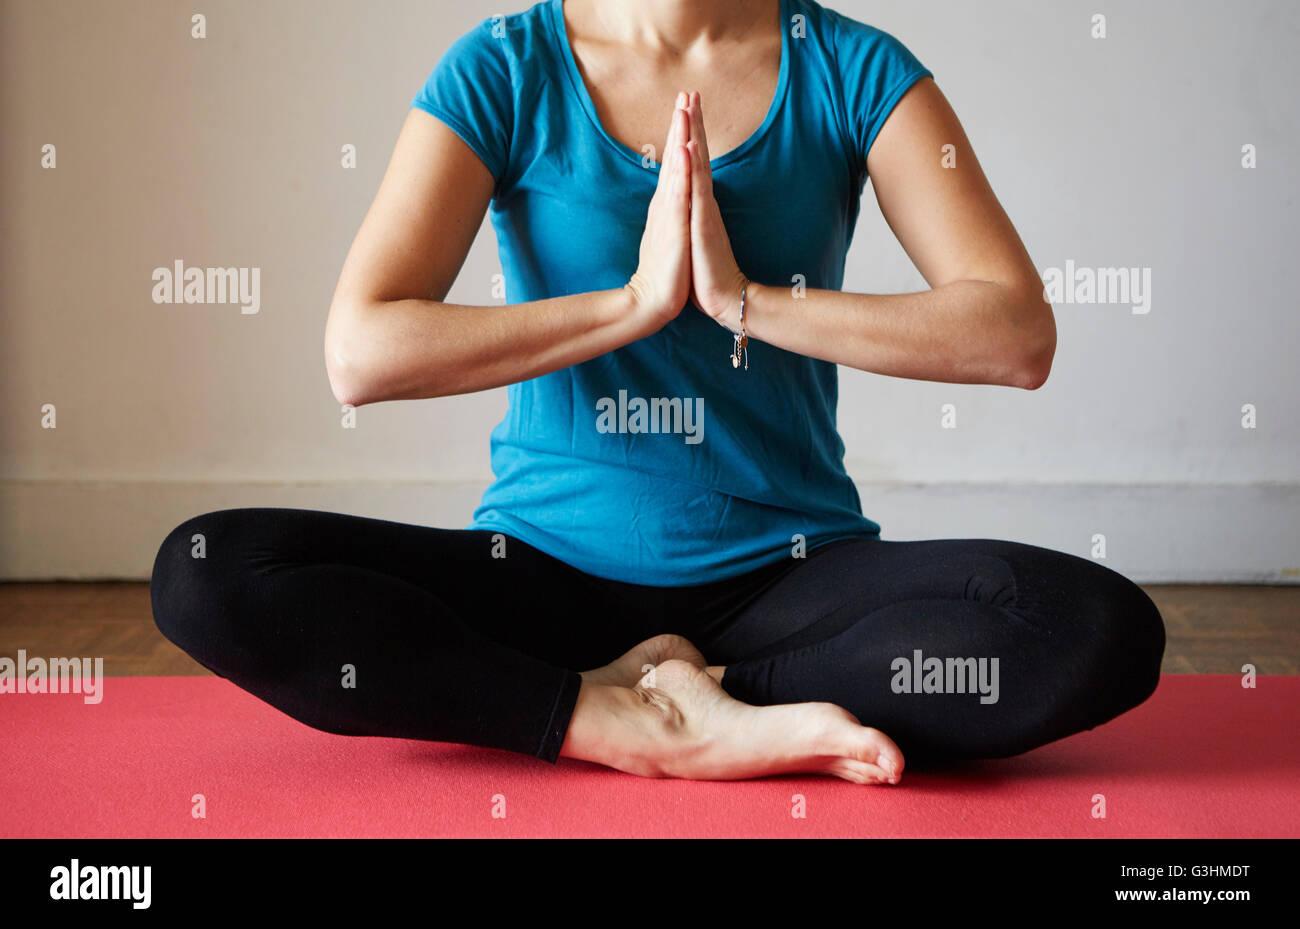 Vista ritagliata della donna seduta croce gambe, mani insieme meditando Immagini Stock